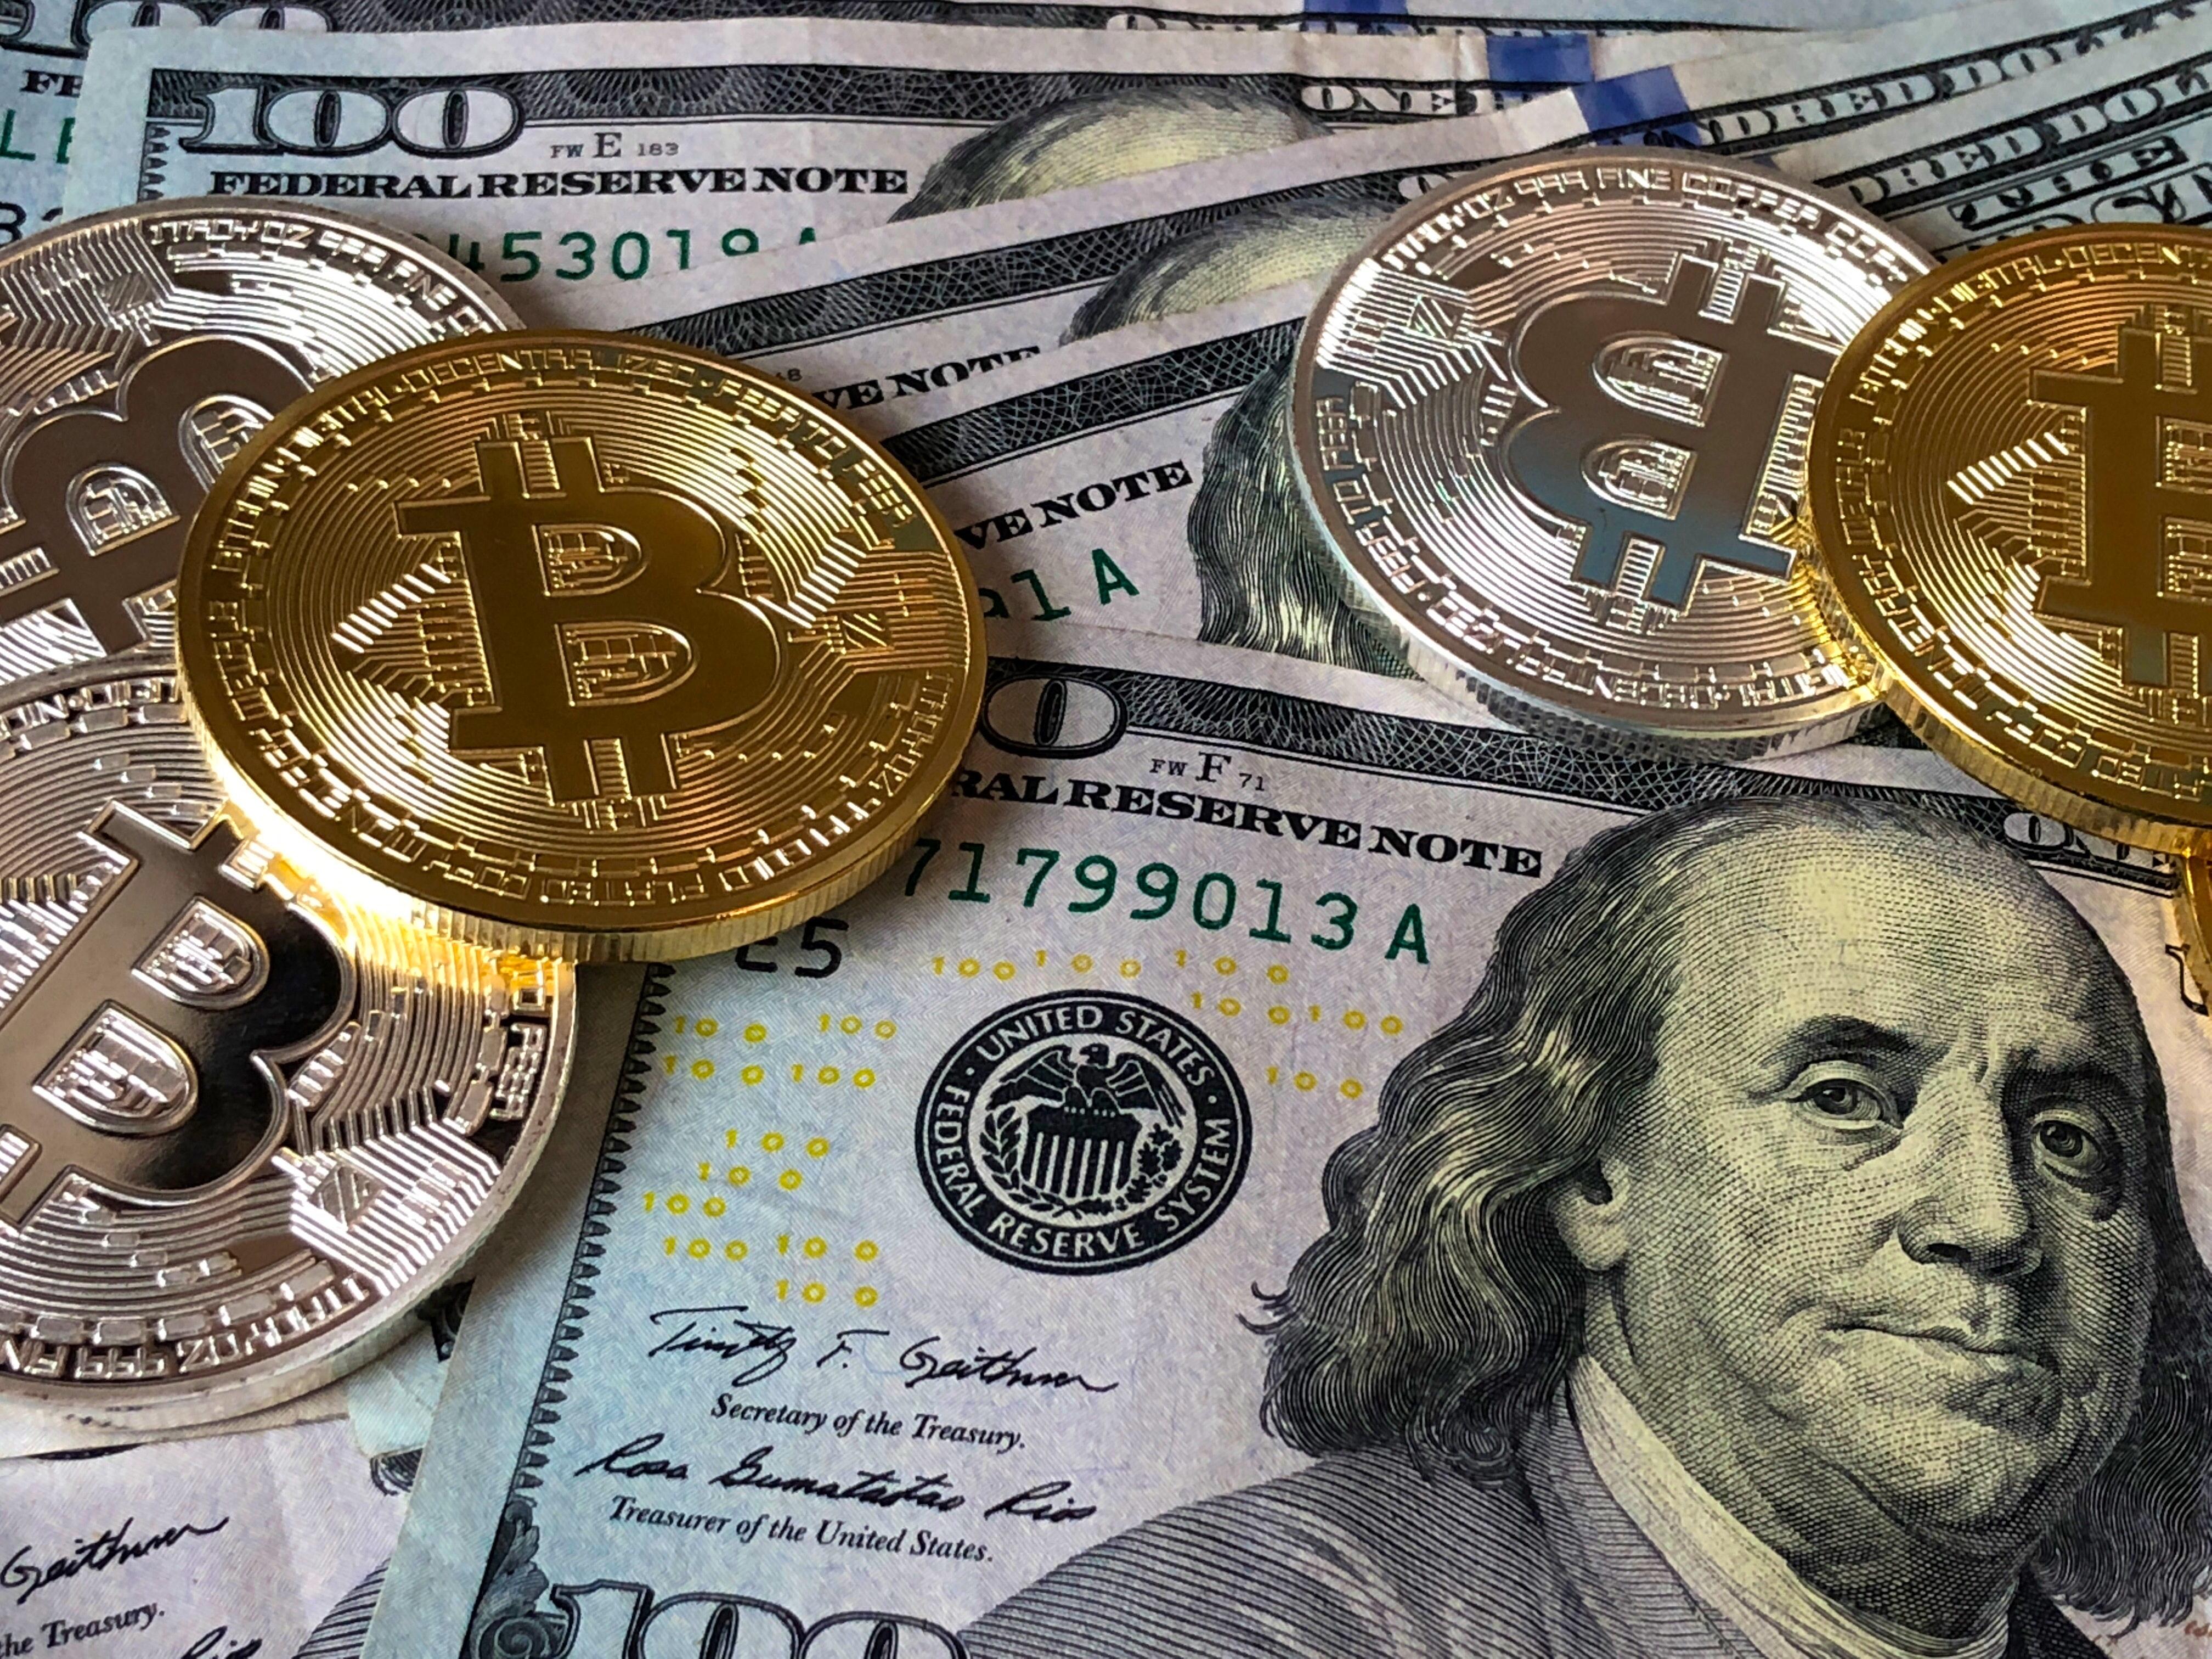 free images   100  bank  banknotes  bitcoin  blockchain